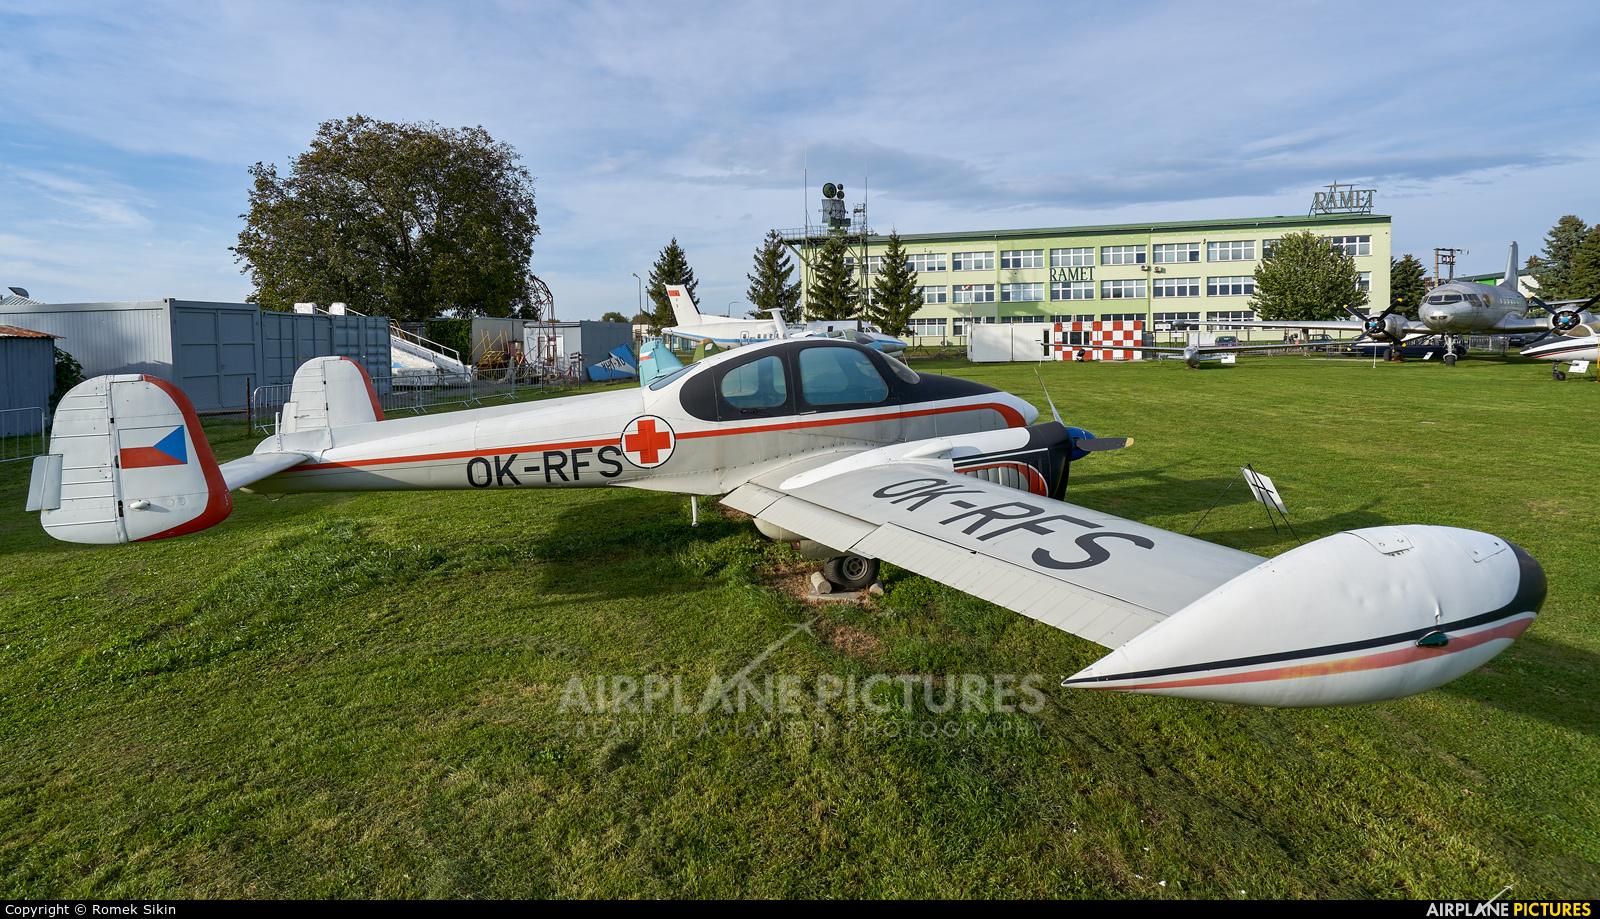 CSA - Czechoslovak Airlines OK-RFS aircraft at Uherské Hradiště - Kunovice